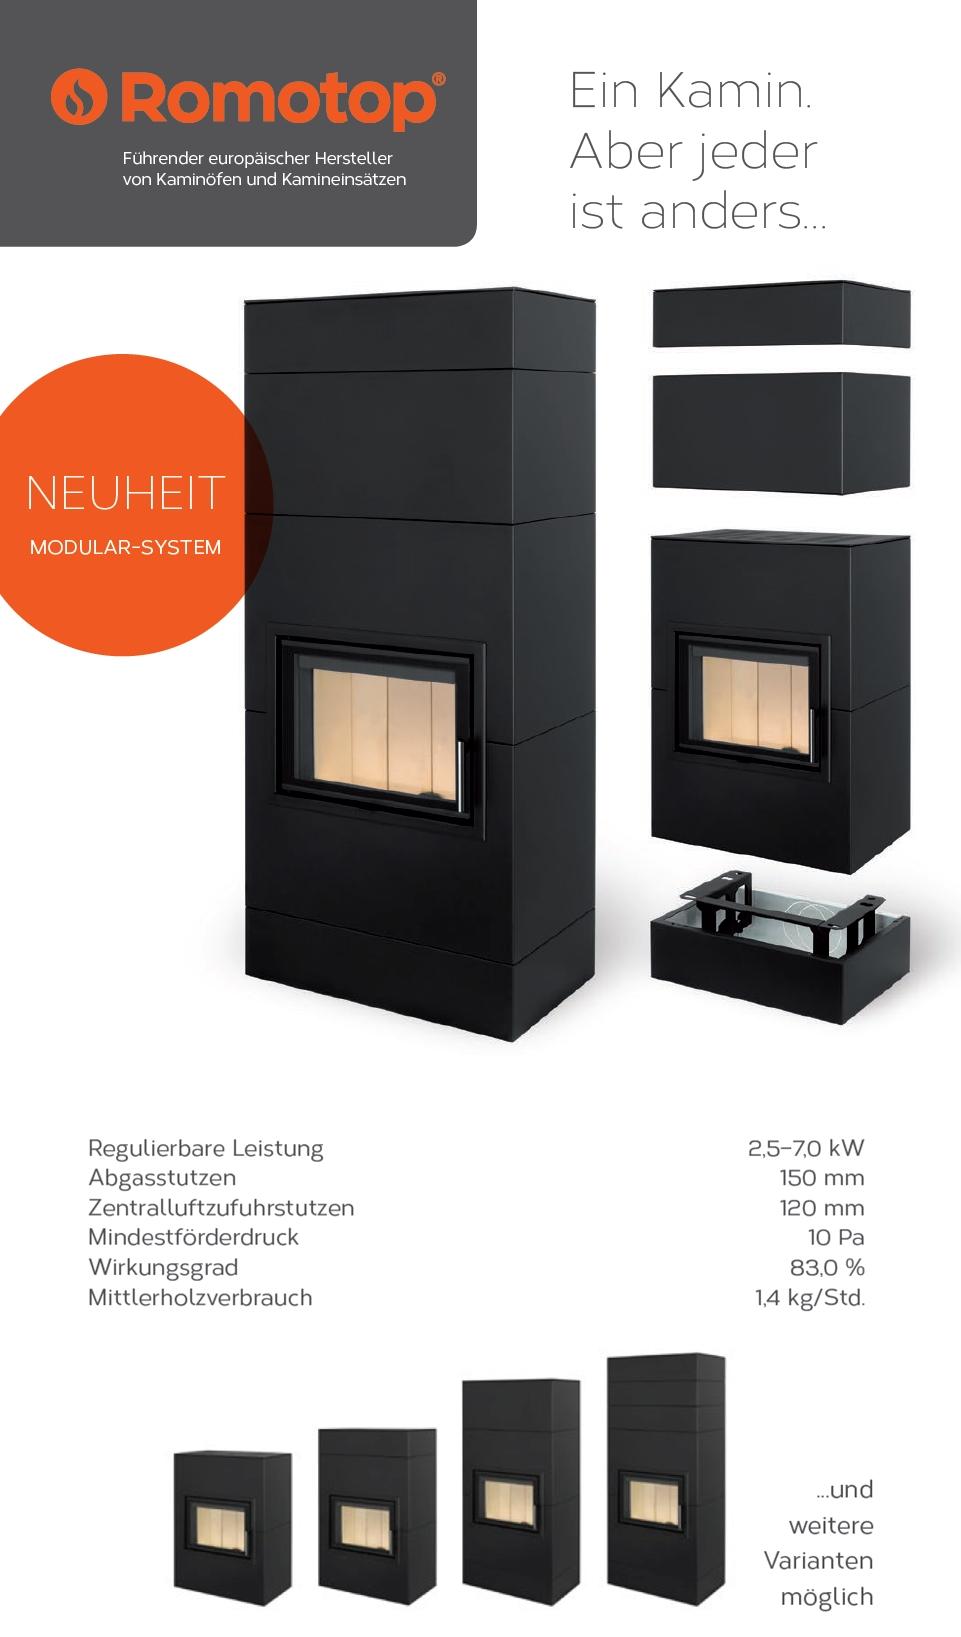 design kamin cara und variant von bester qualit t hotline 7 21 uhr 0177 530 9030. Black Bedroom Furniture Sets. Home Design Ideas